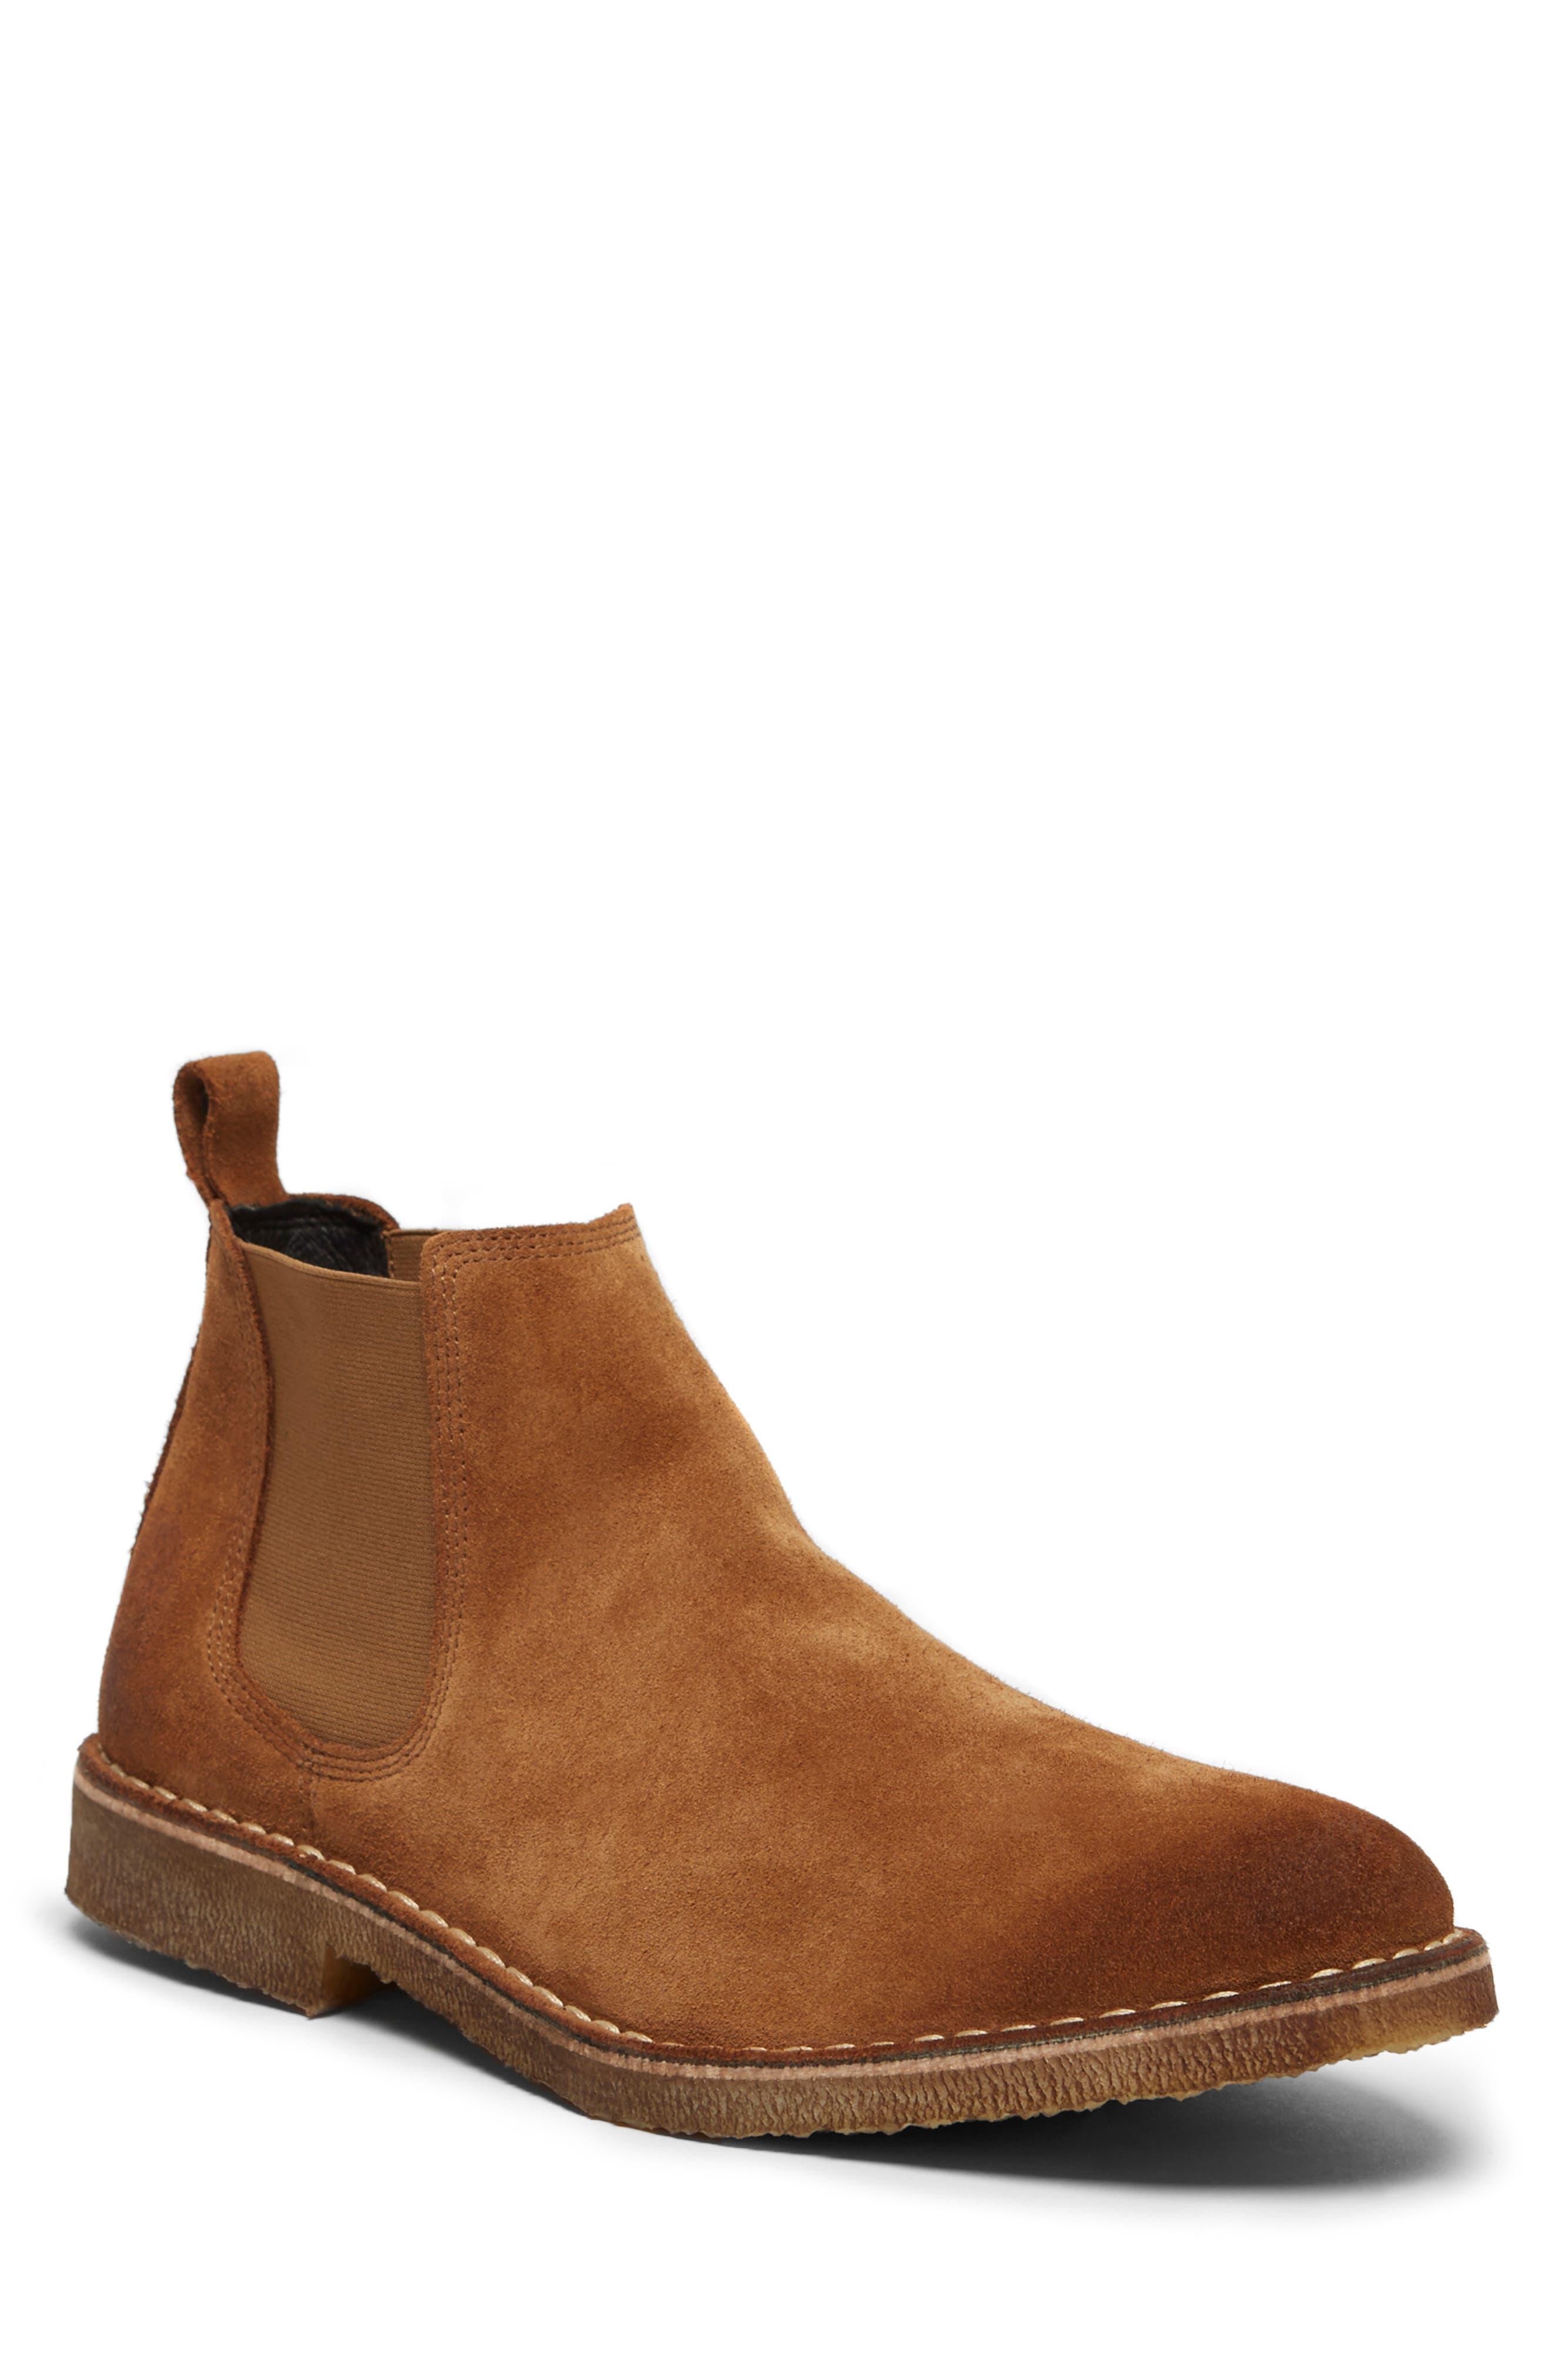 Hewitt Chelsea Boot,                         Main,                         color, RUST SUEDE